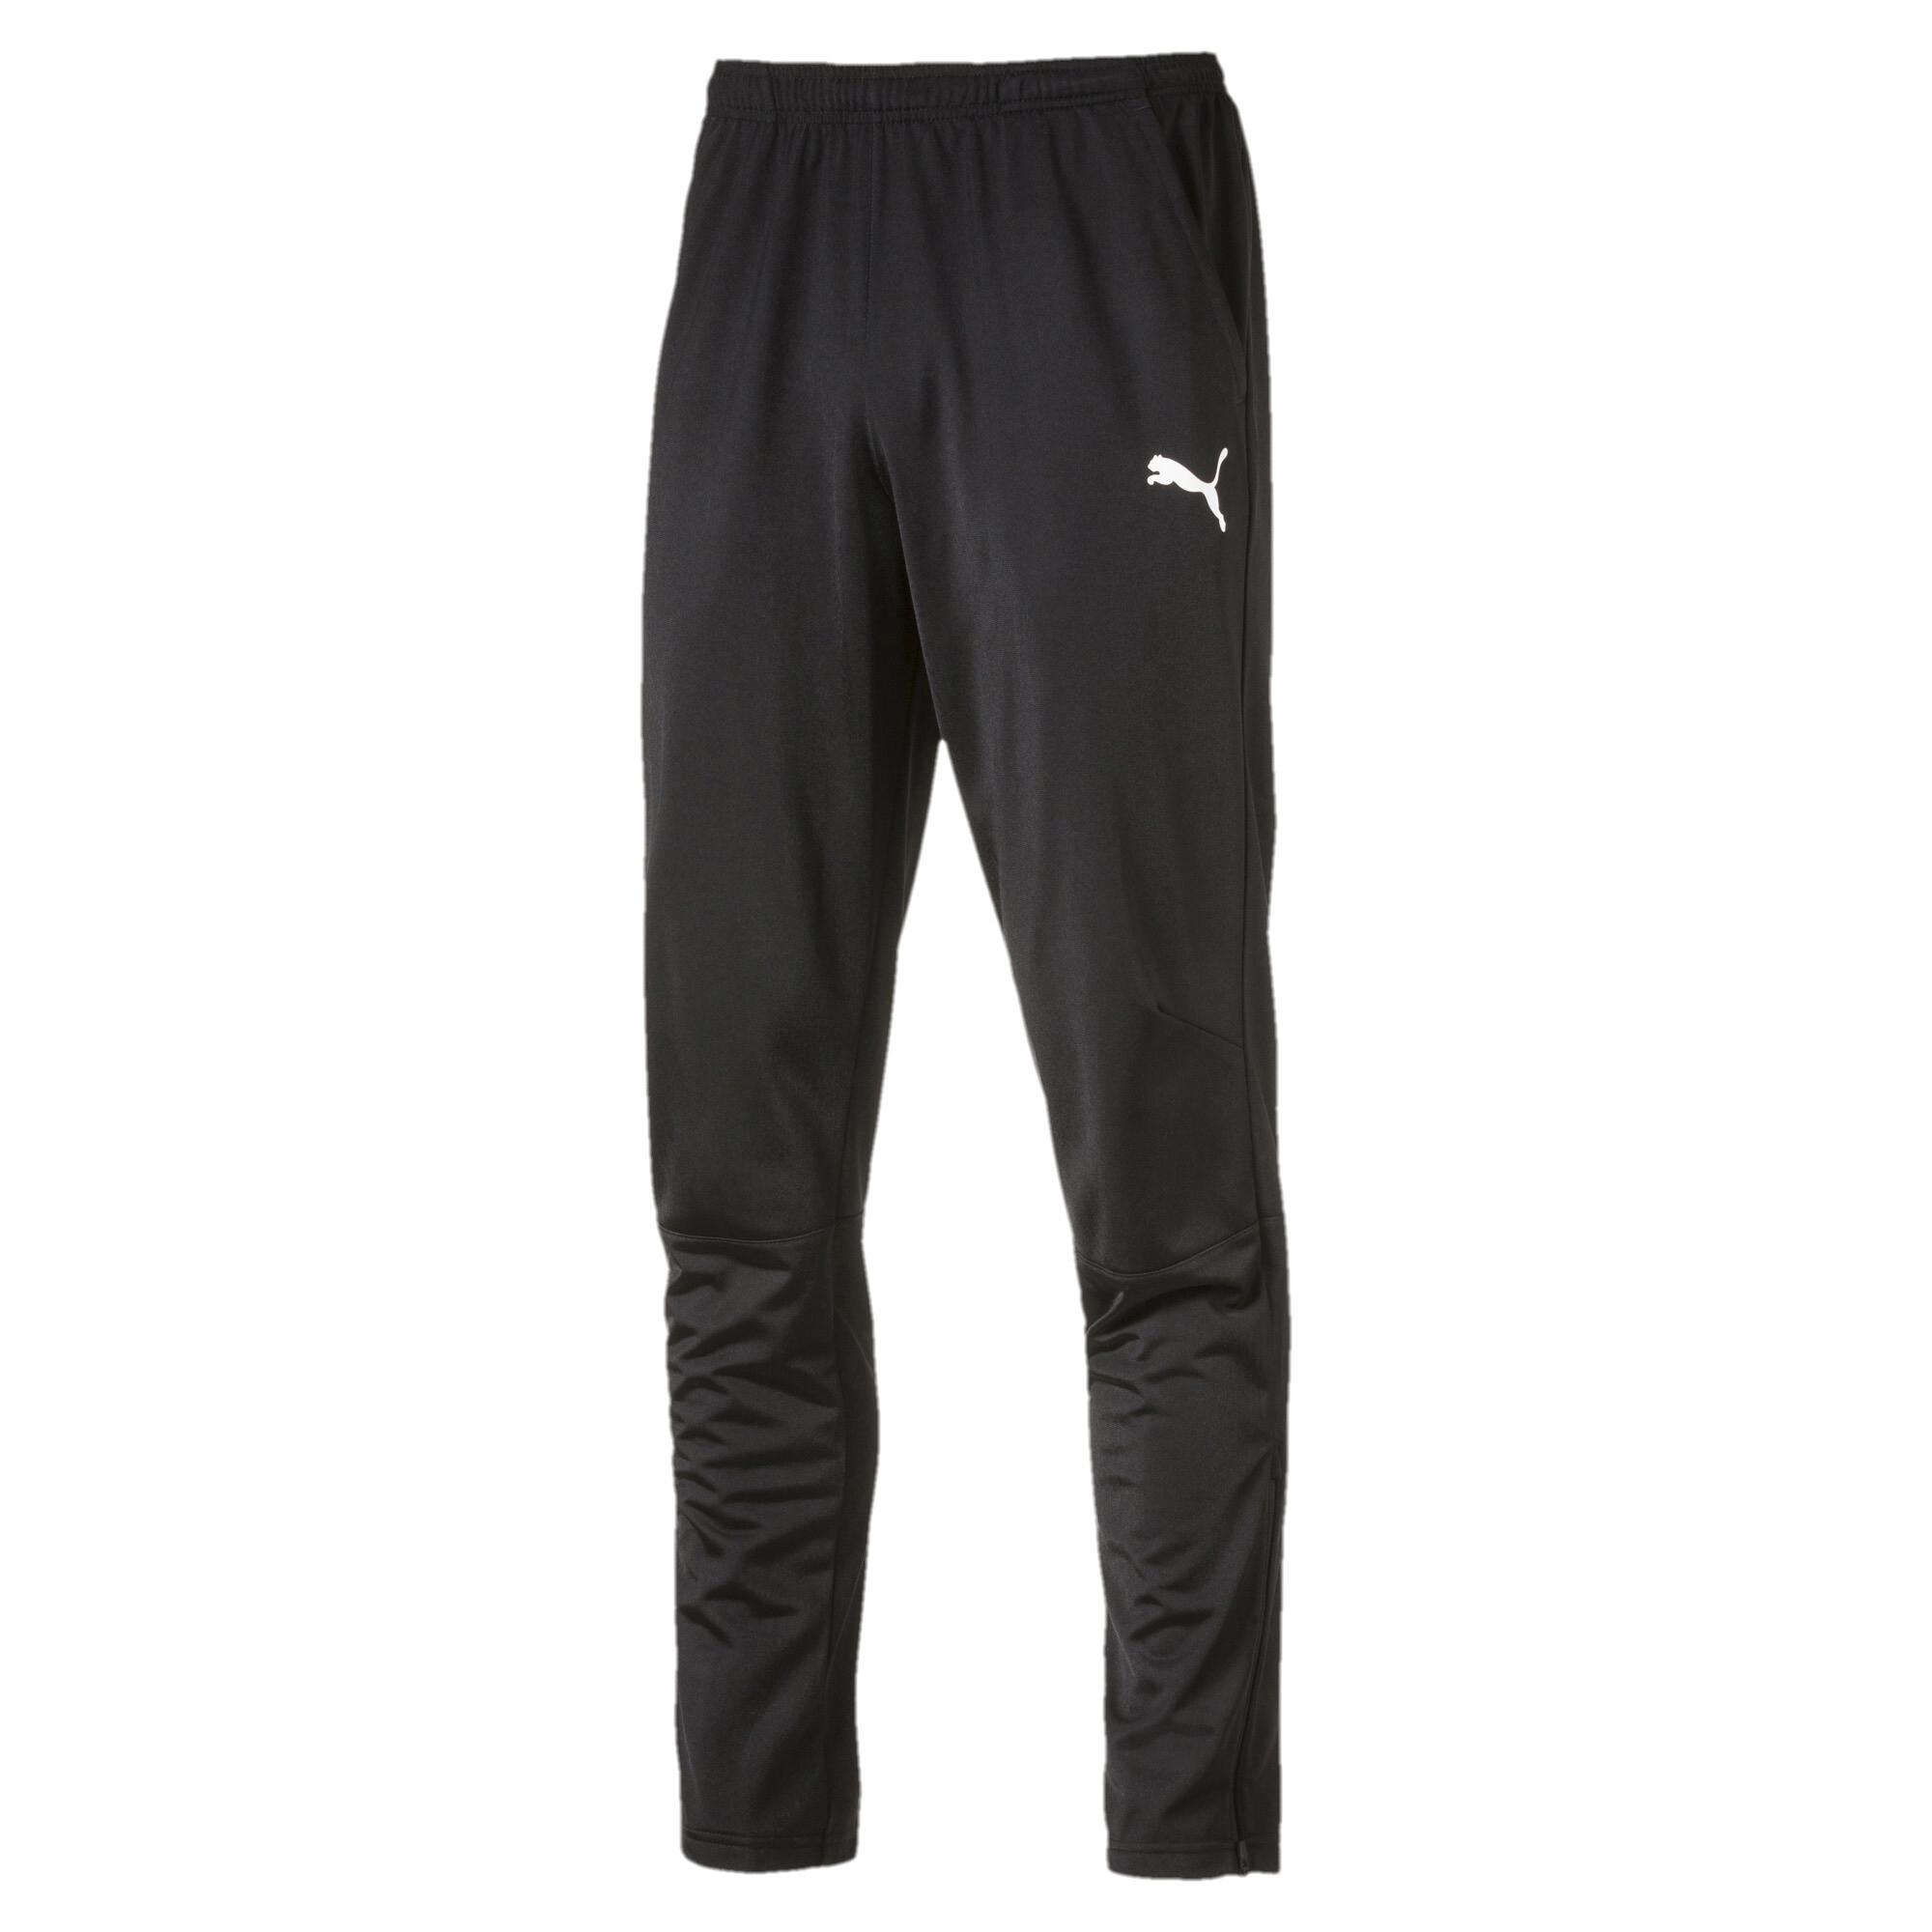 Pantalones de entrenamiento para hombre Liga